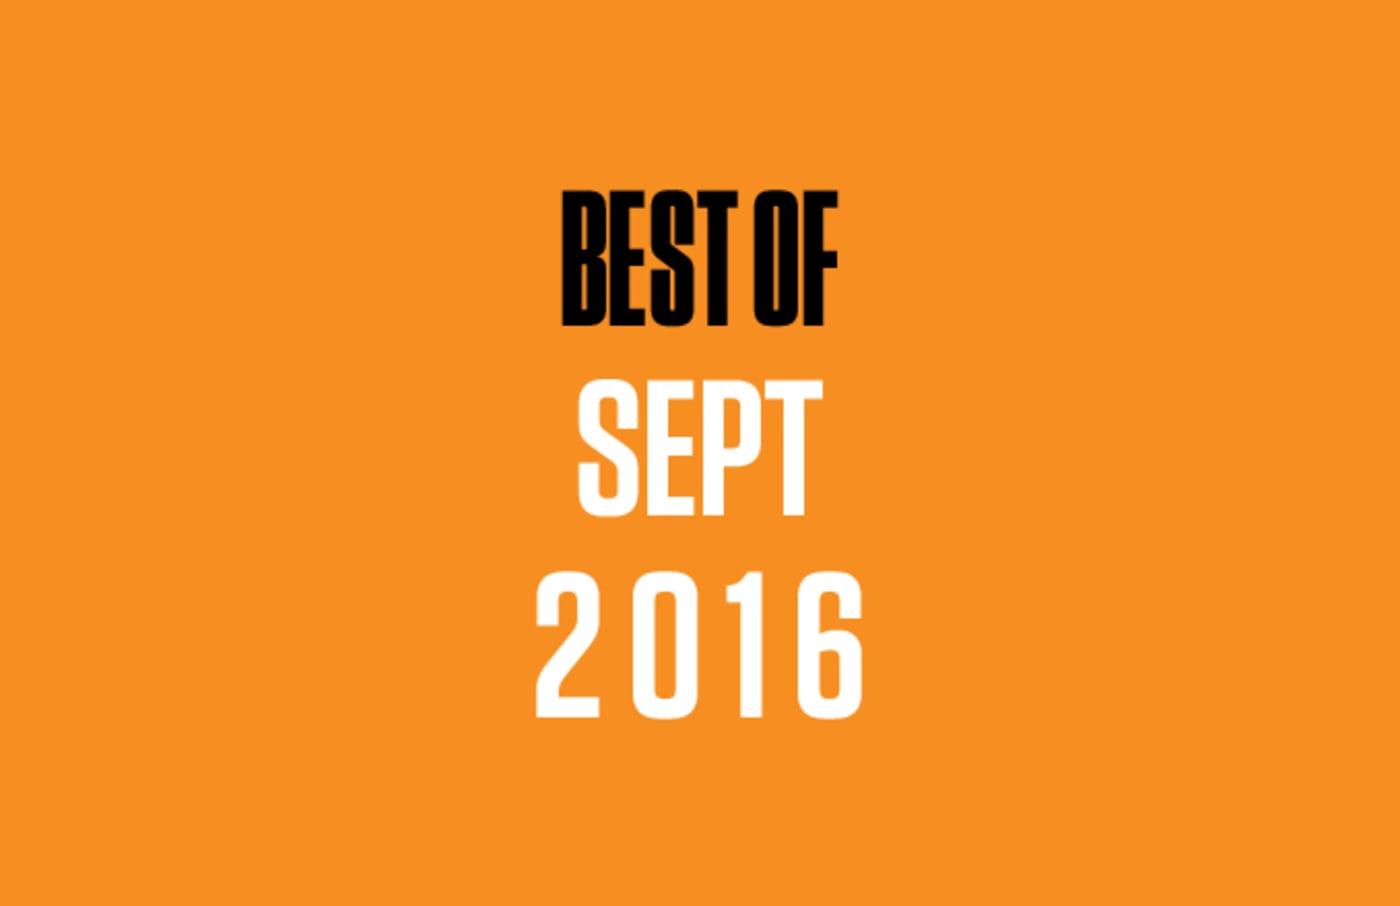 Best of SoundCloud Sept. '16 lead.